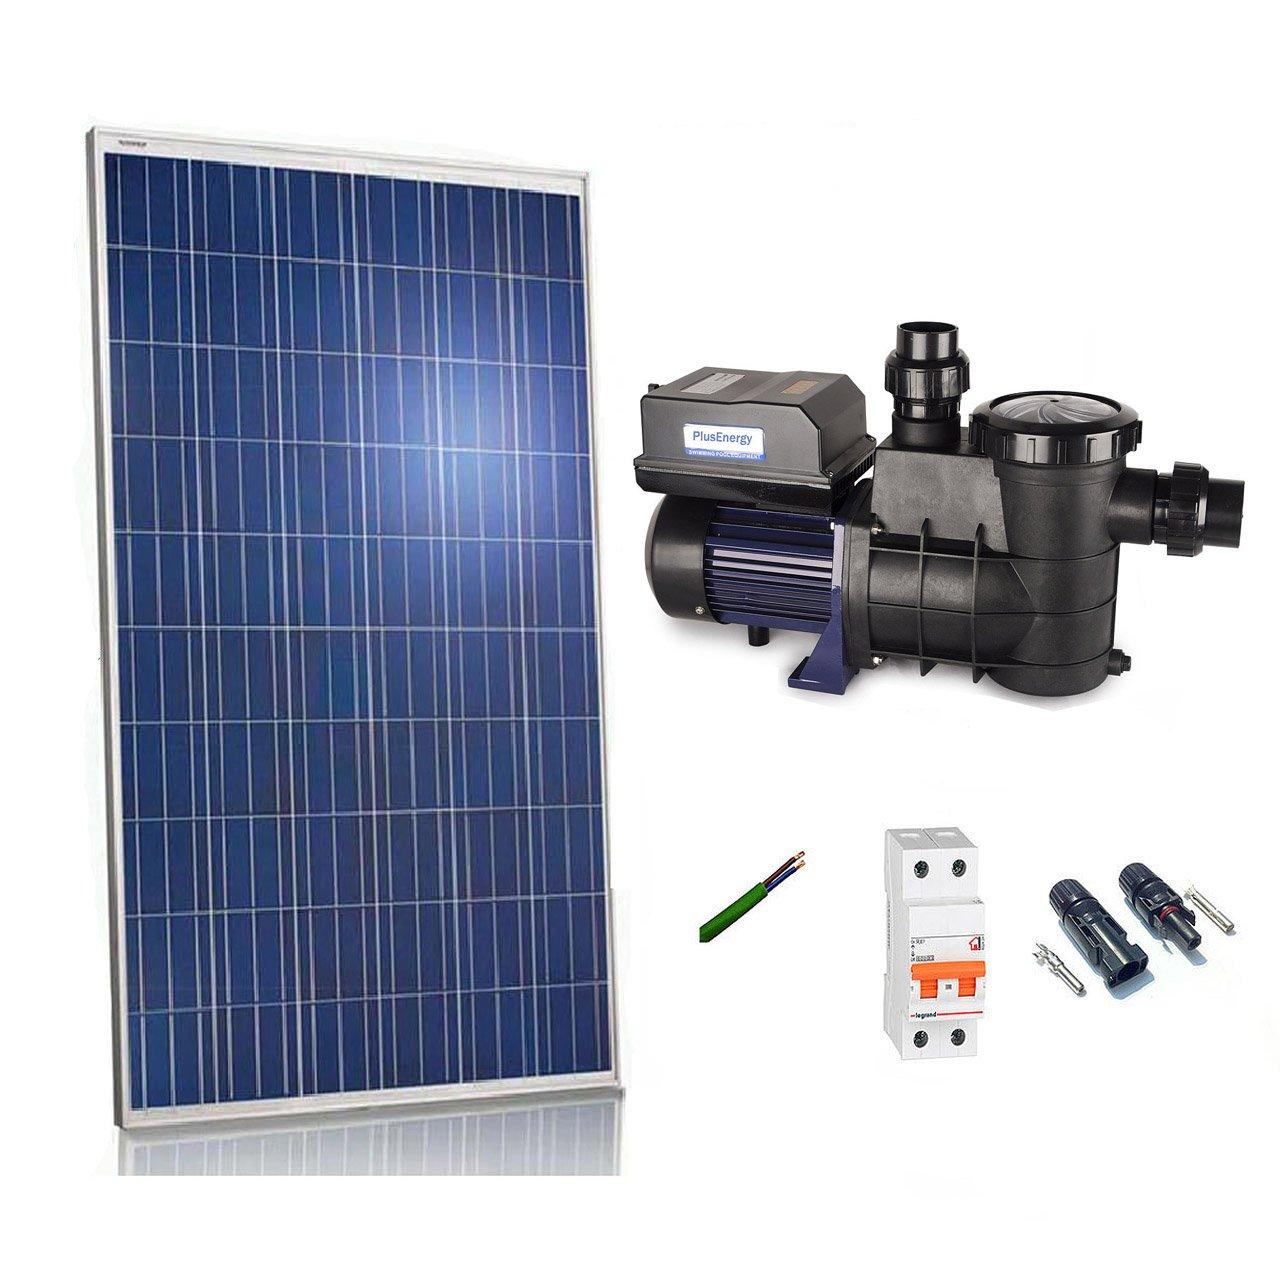 Kit Bomba depuradora solar para piscina PlusEnergy 370w 24v 2/1HP Bomba directo a solar